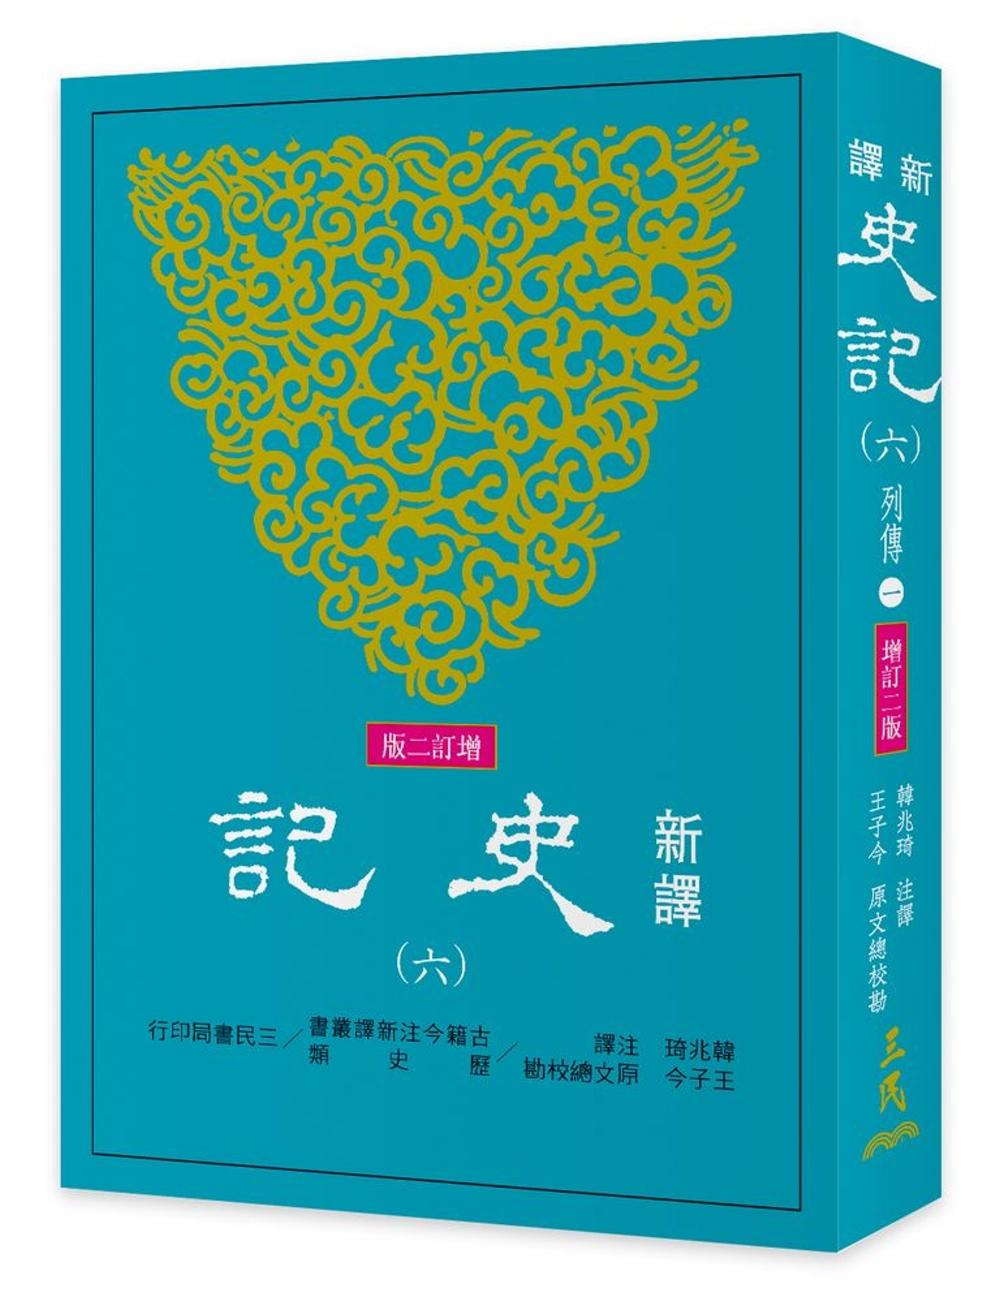 《新譯史記(六)列傳(1)(增訂二版)》 商品條碼,ISBN:9789571463766